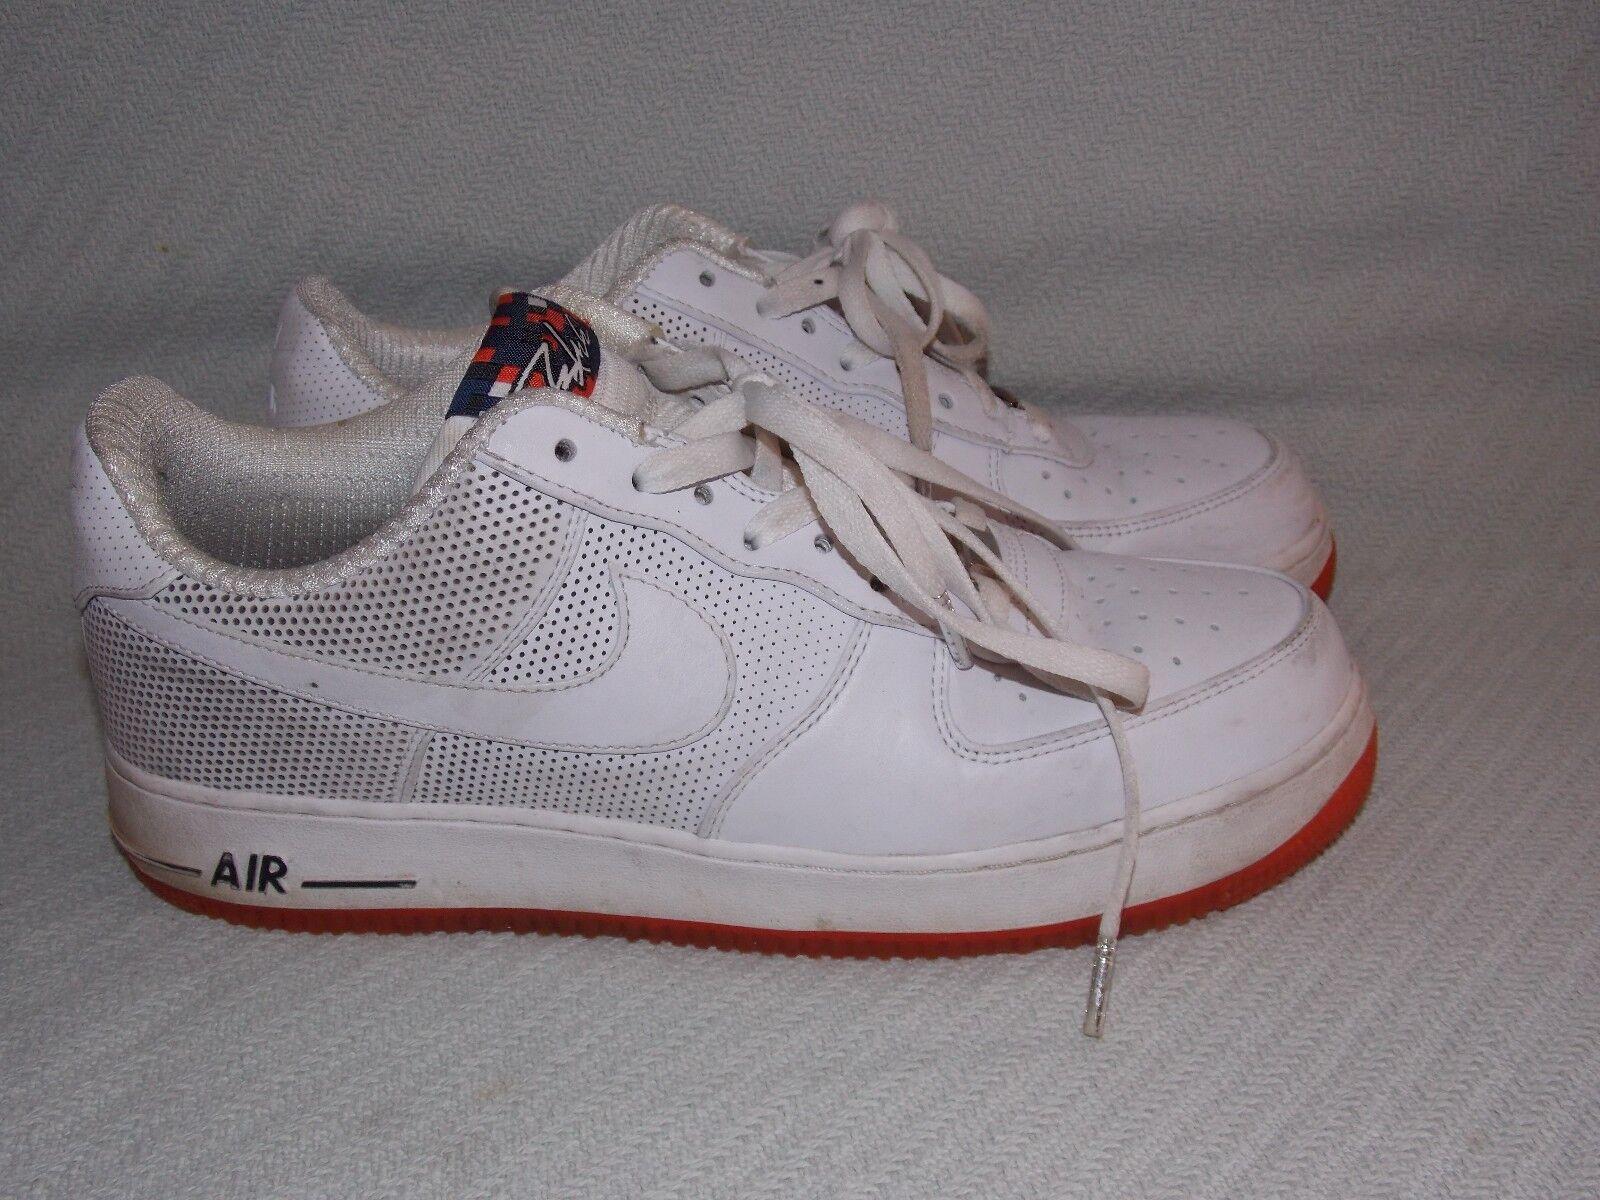 Nike Air Force 1 bajo 318775-112 futura cómodo ser verdad Basketball Sneakers cómodo futura casual salvaje e74877